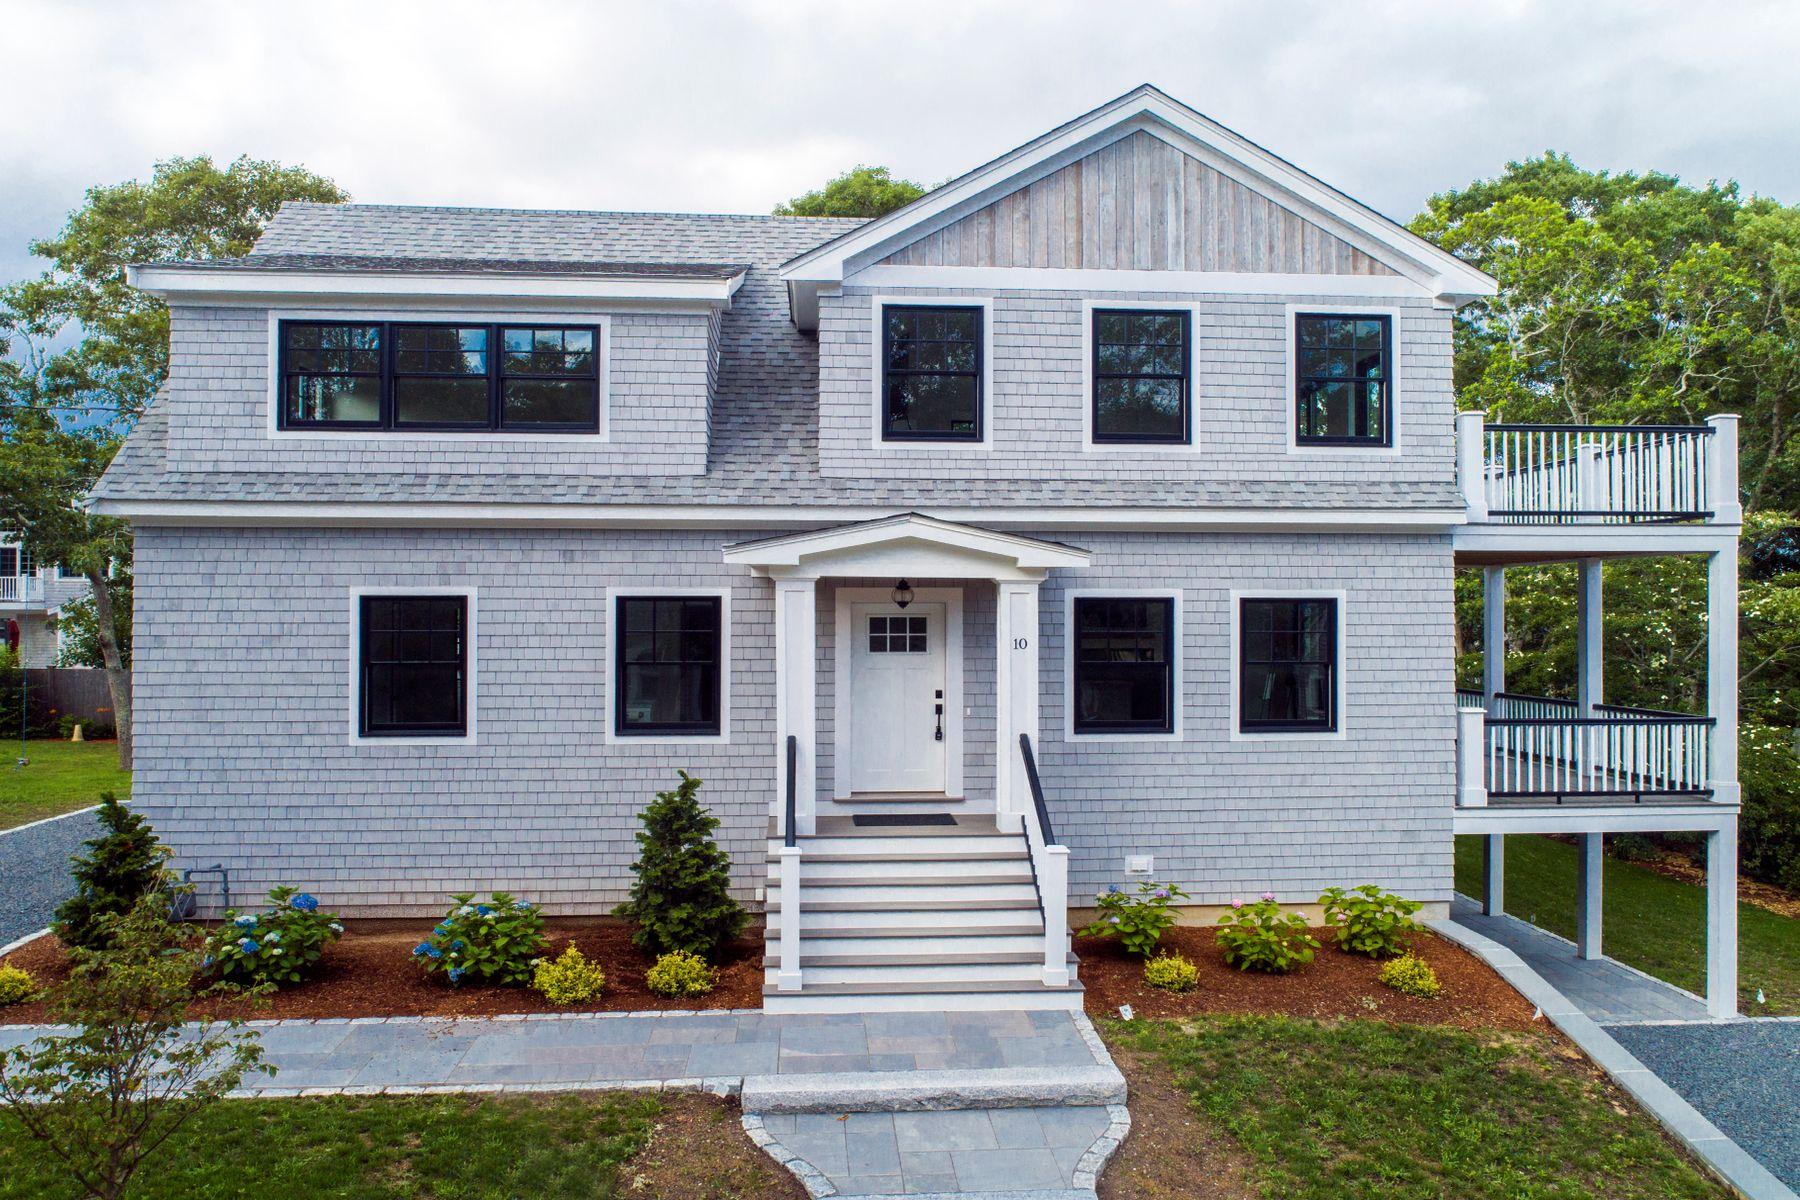 Single Family Homes for Active at Pond and Ocean Views in Popponessett 10 Menemsha Road Mashpee, Massachusetts 02649 United States